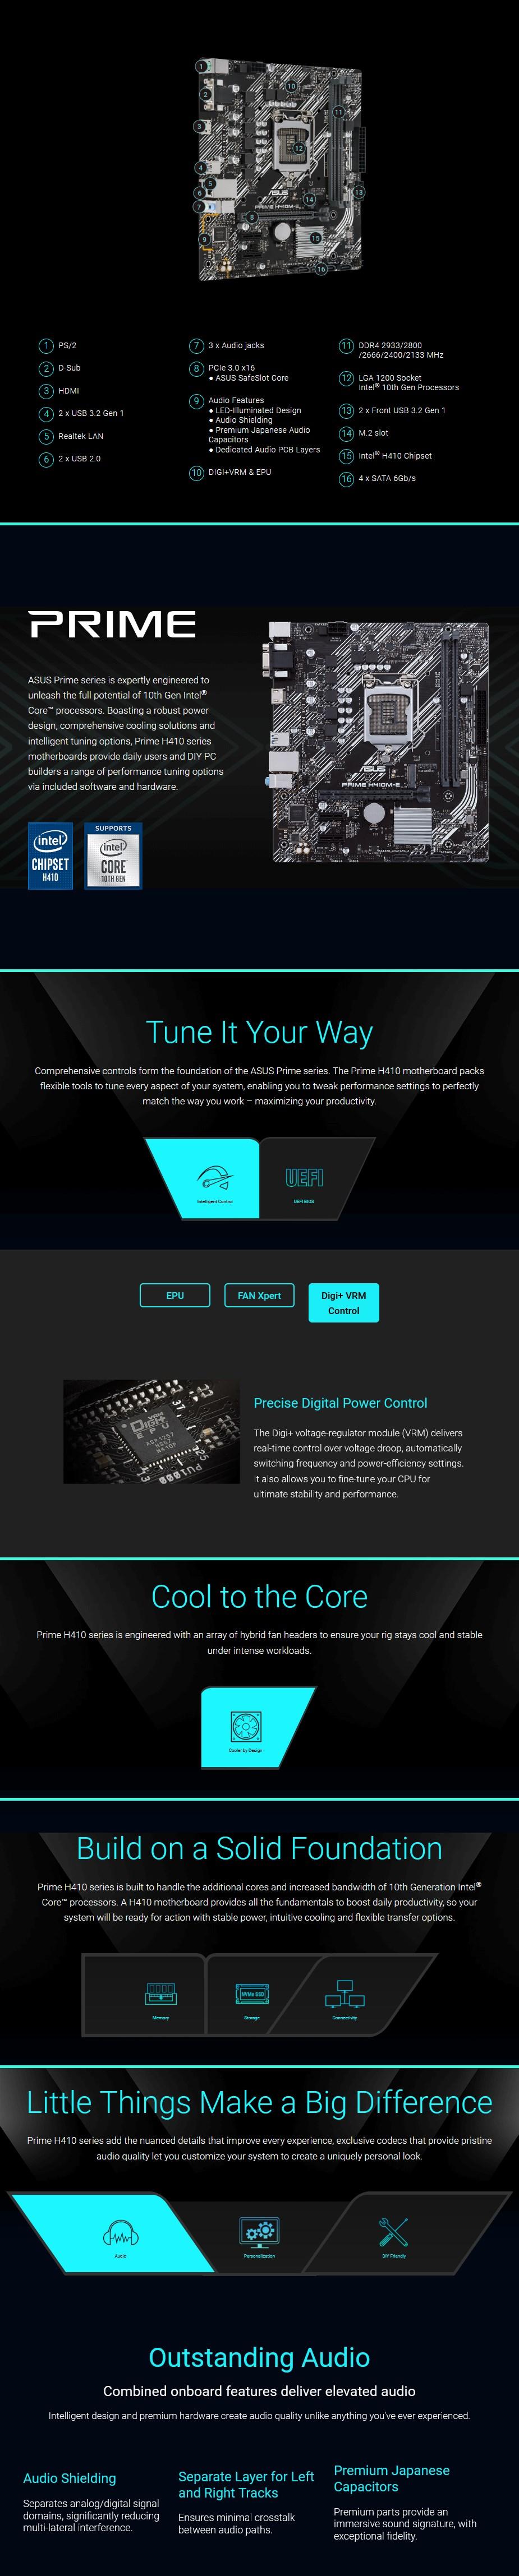 asus-prime-h410me-lga-1200-microatx-motherboard-ac35259-9.jpg